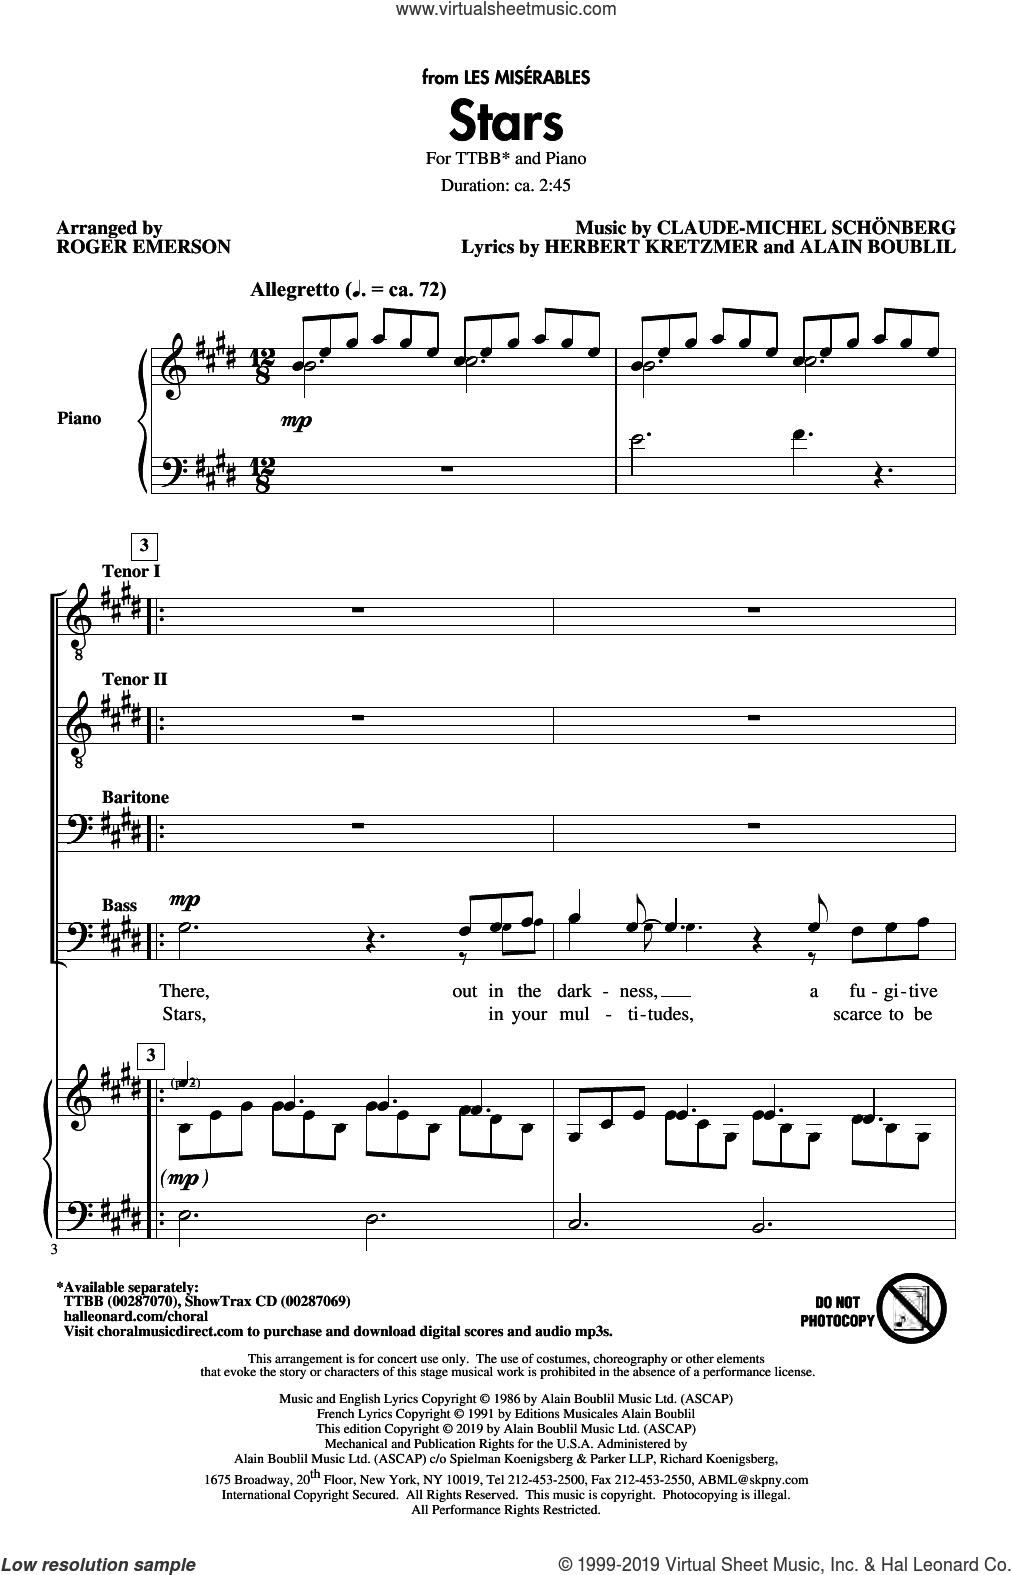 Stars (from Les Miserables) (arr. Roger Emerson) sheet music for choir (TTBB: tenor, bass) by Alain Boublil, Roger Emerson, Boublil & Schonberg, Claude-Michel Schonberg and Herbert Kretzmer, intermediate skill level